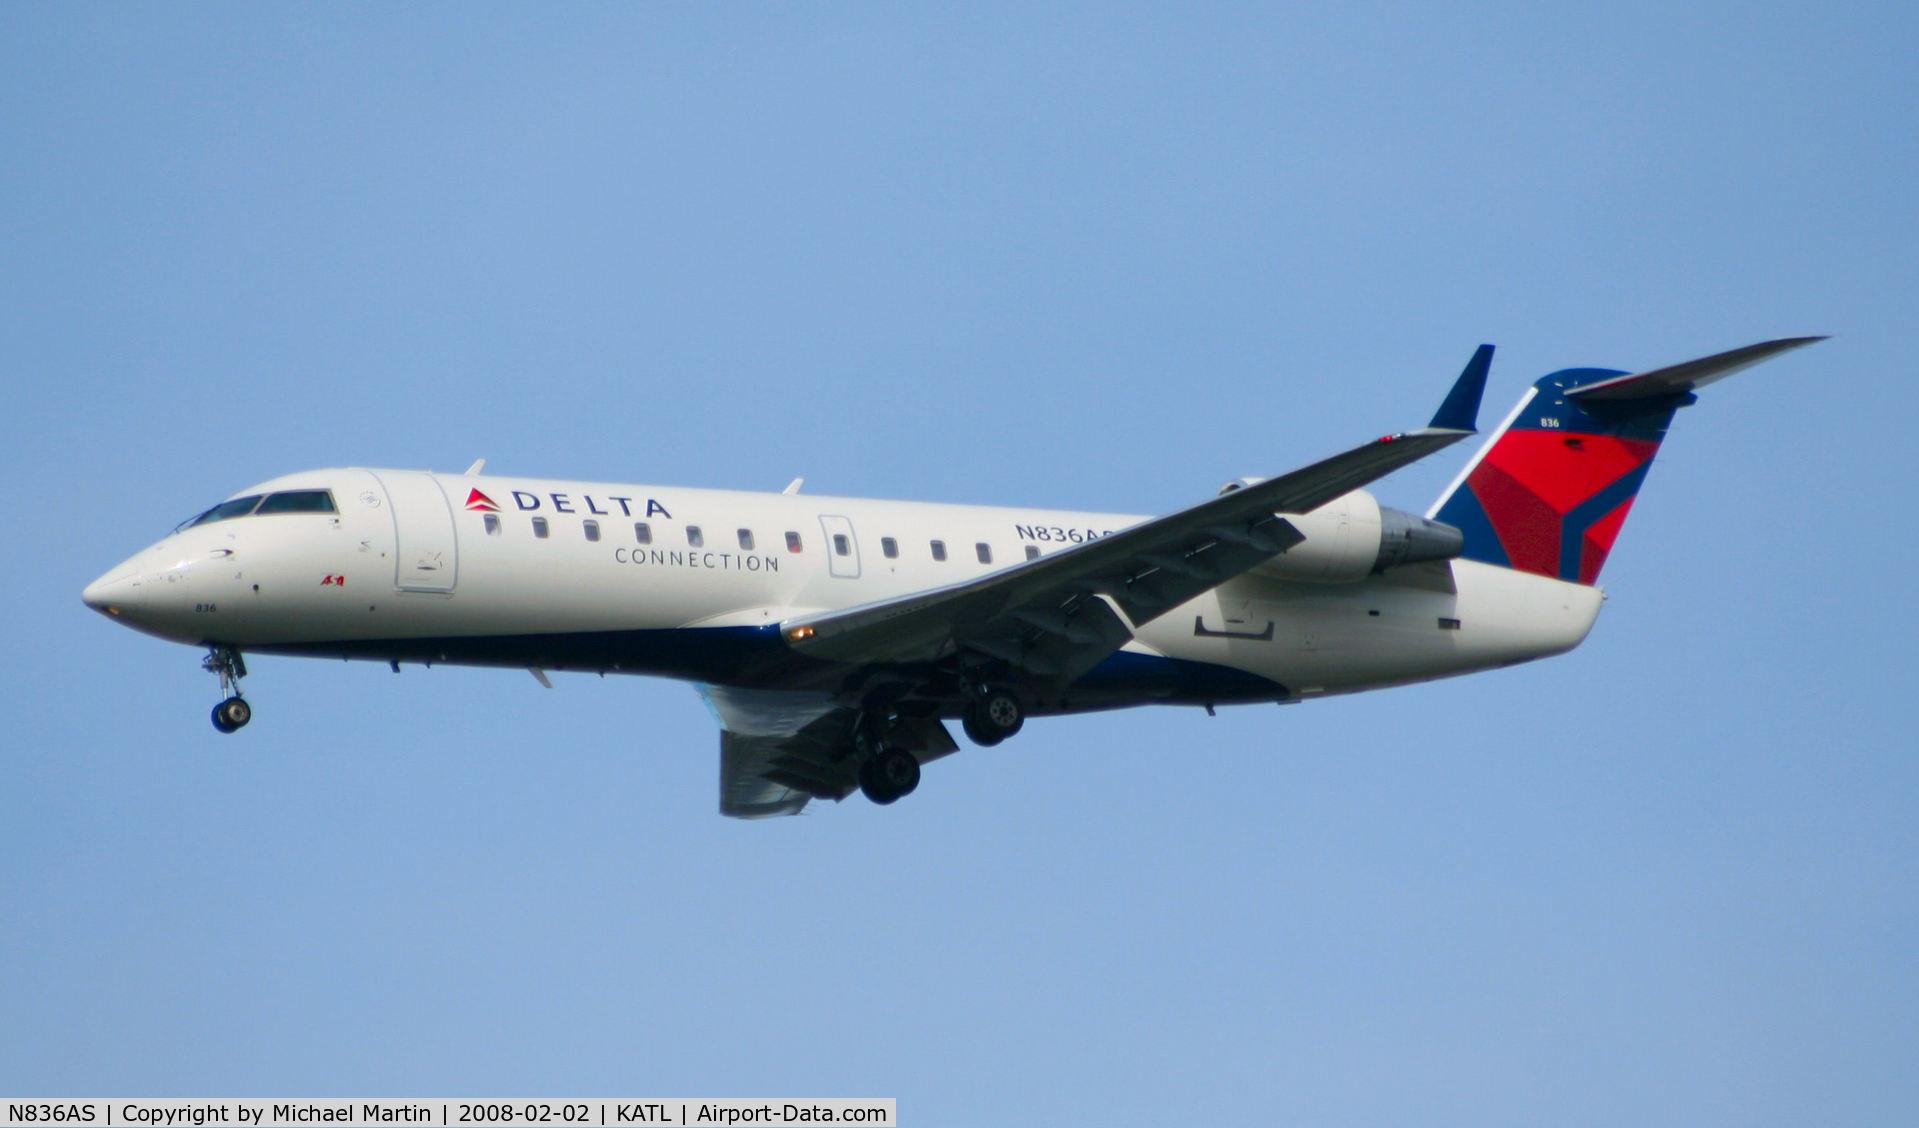 N836AS, 1998 Bombardier CRJ-200ER (CL-600-2B19) C/N 7263, On final for Runway 26R